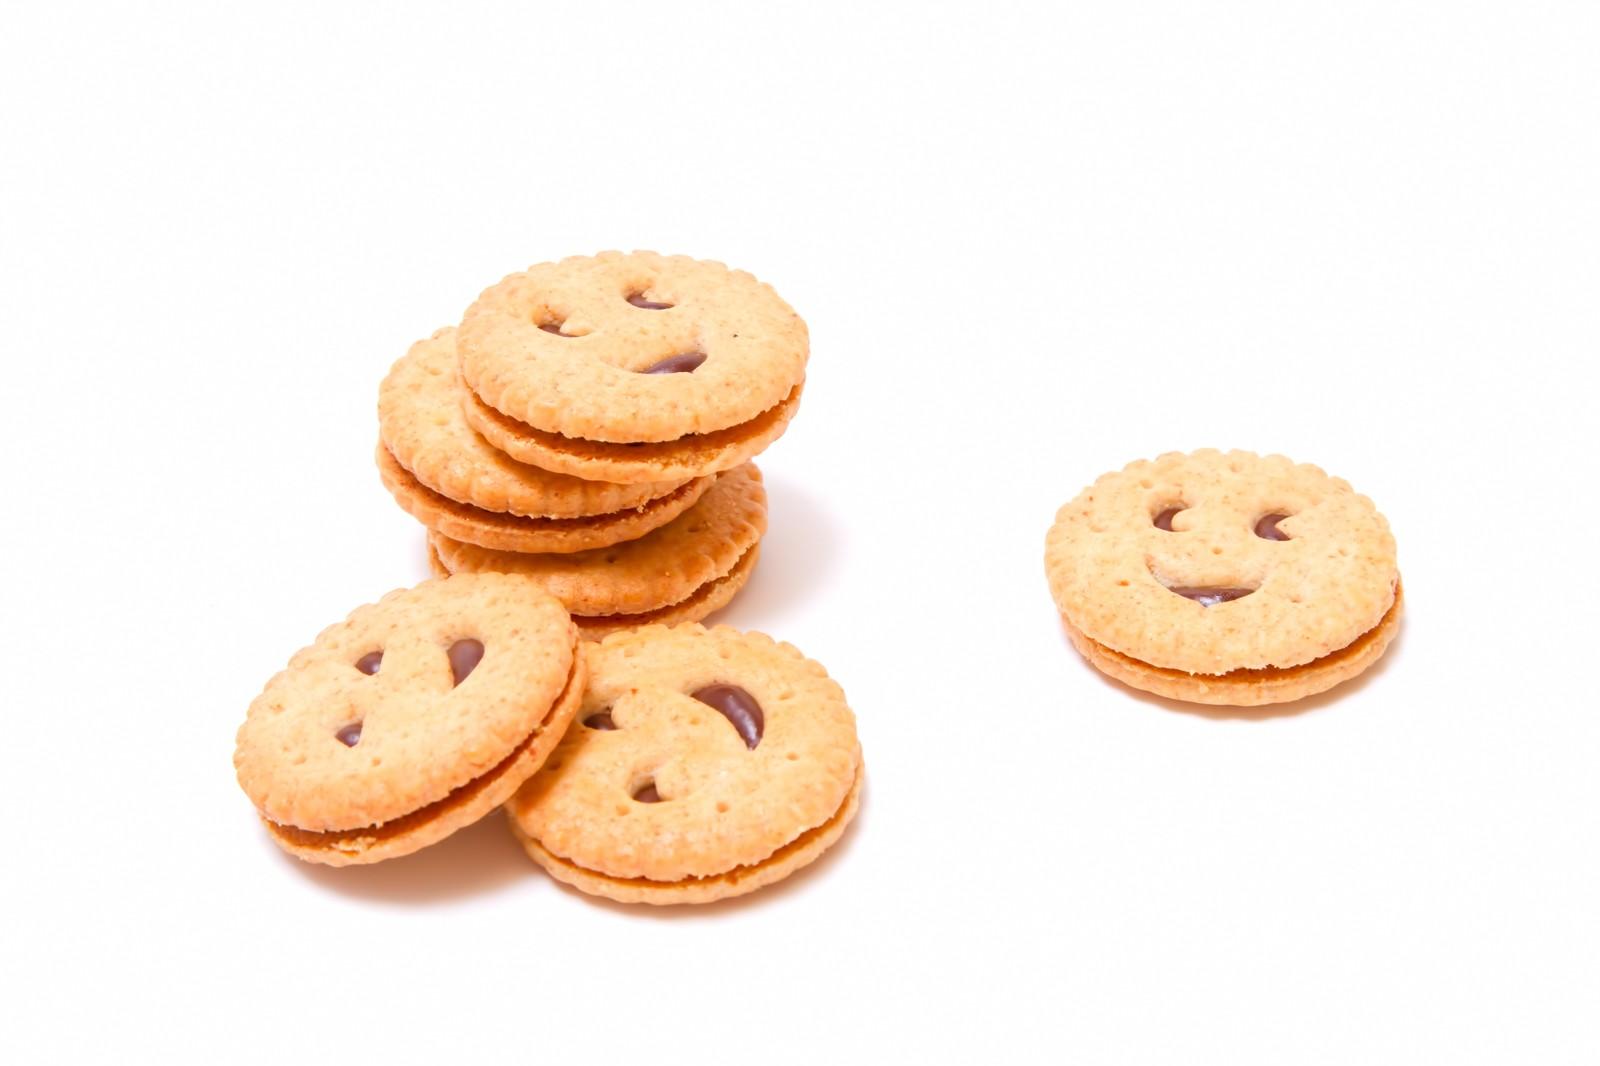 アトリエうかいのクッキーは手土産にもおすすめ!横浜の人気焼き菓子店紹介!